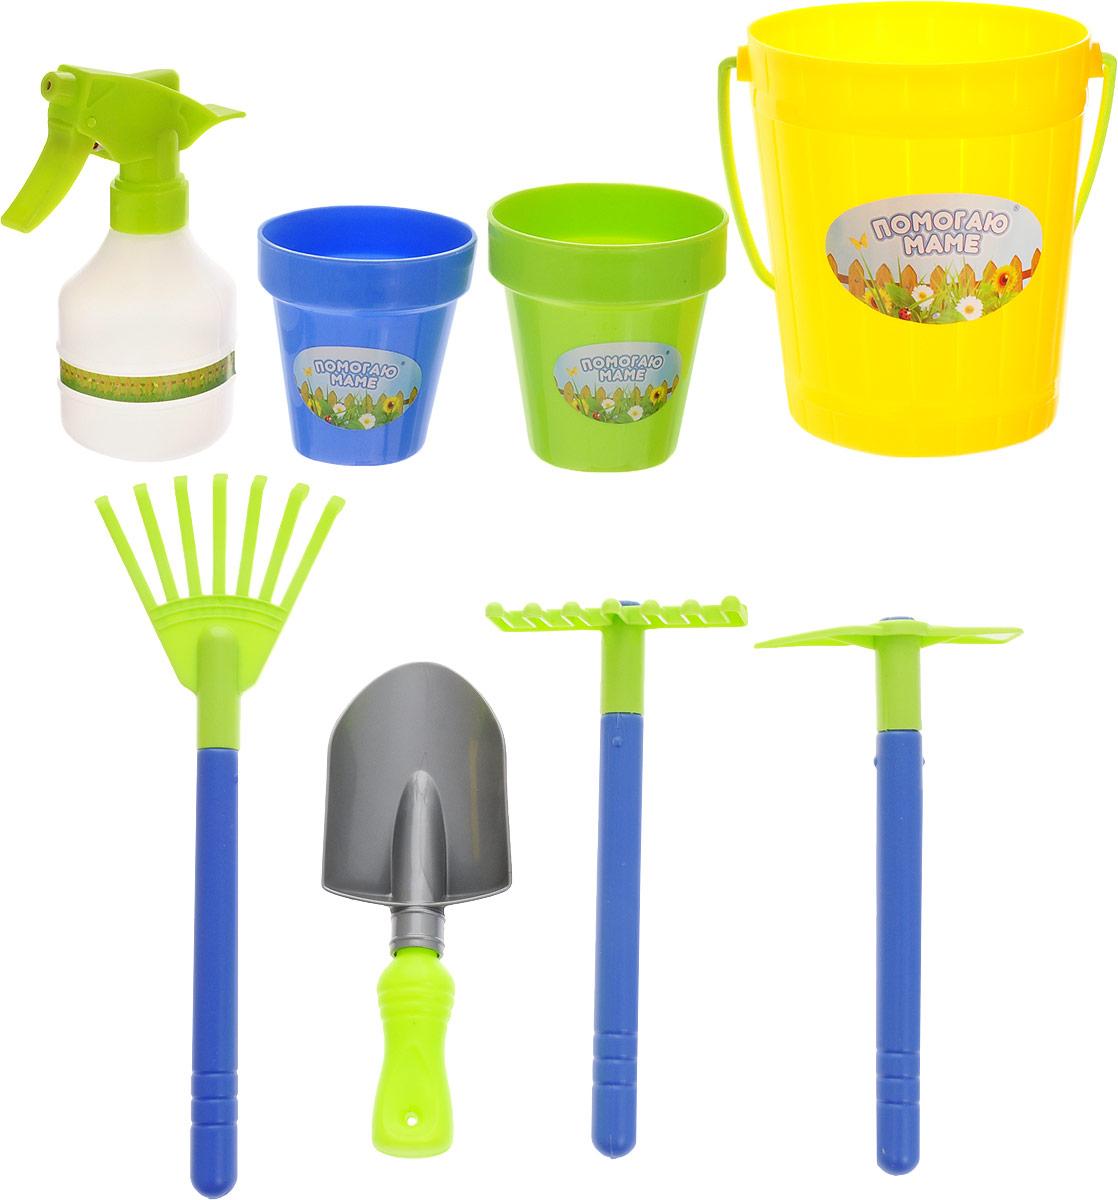 Abtoys Набор для юного садовода Помогаю Маме цвет желтый 8 предметов набор садовода купить